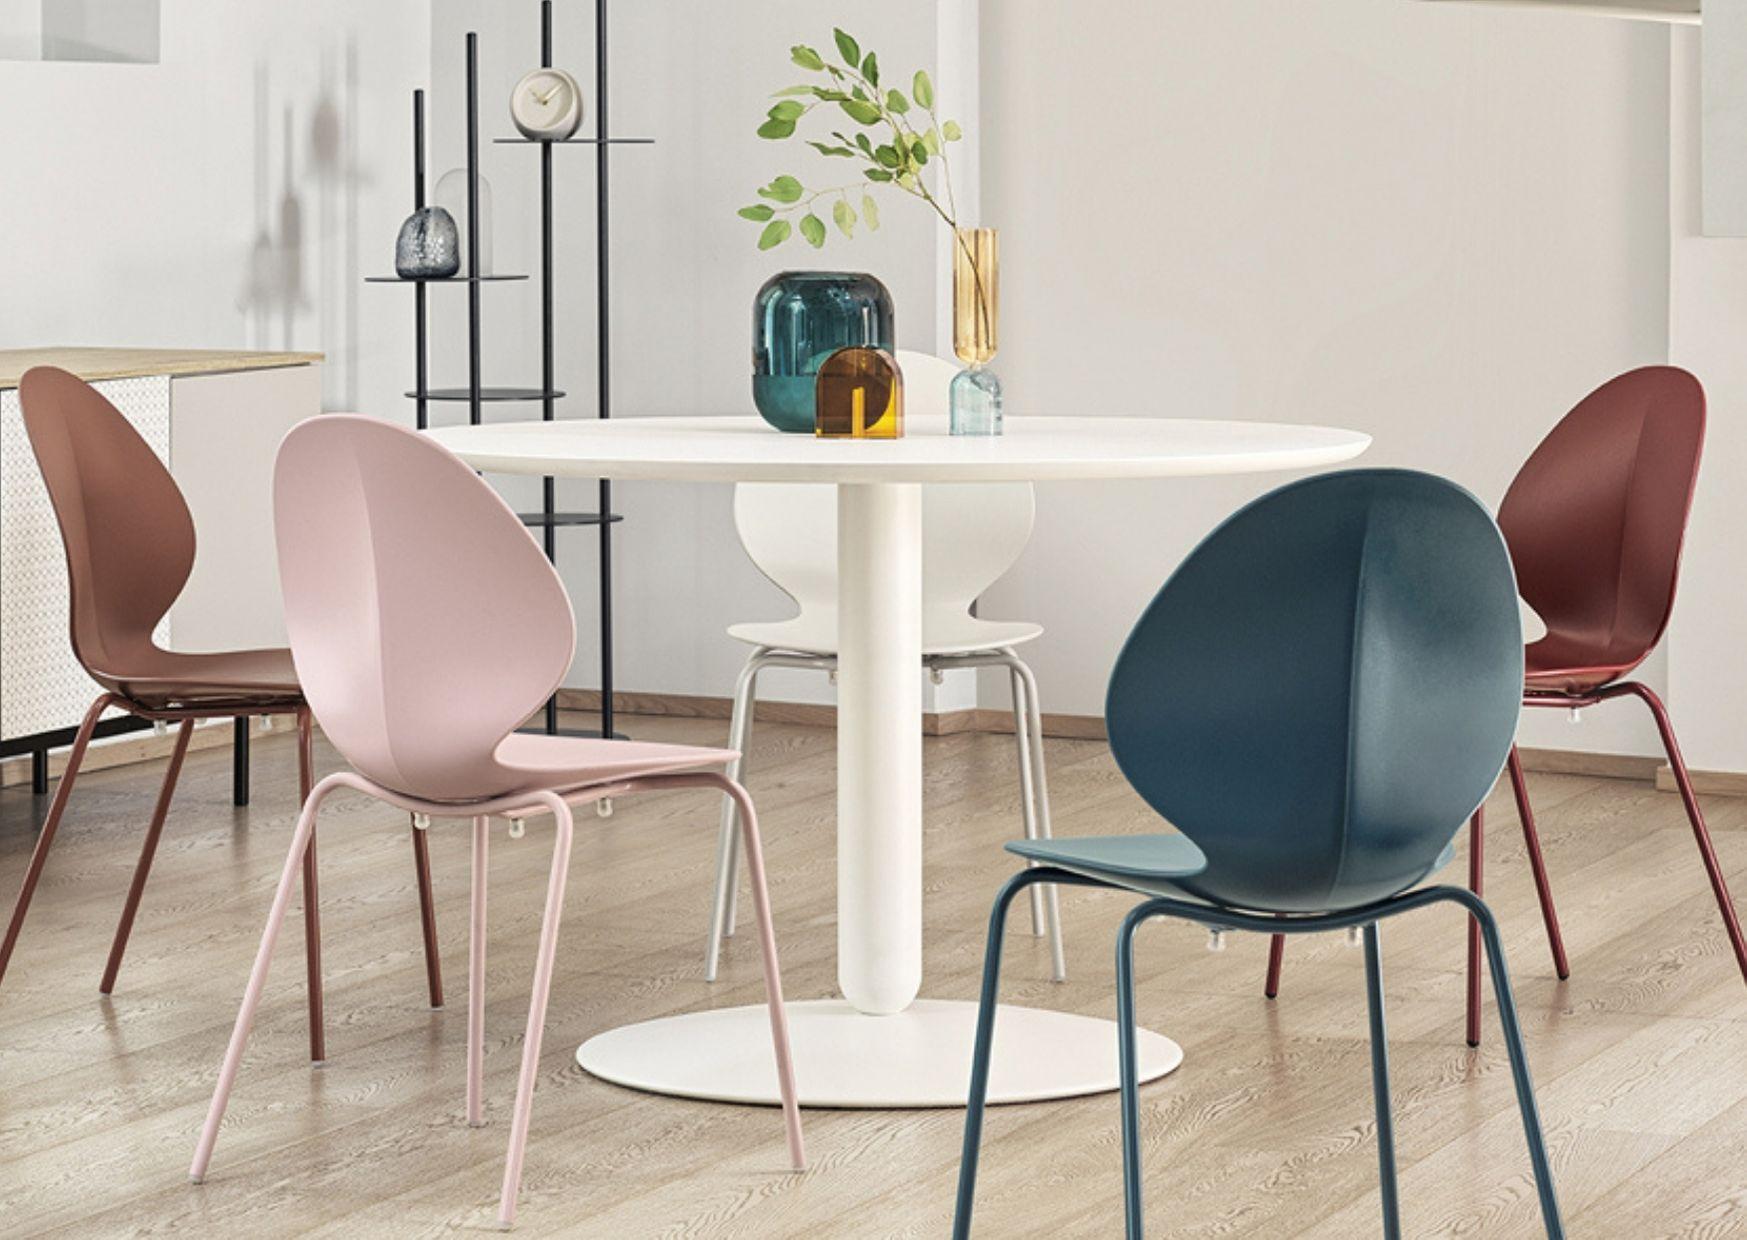 calligaris chairs